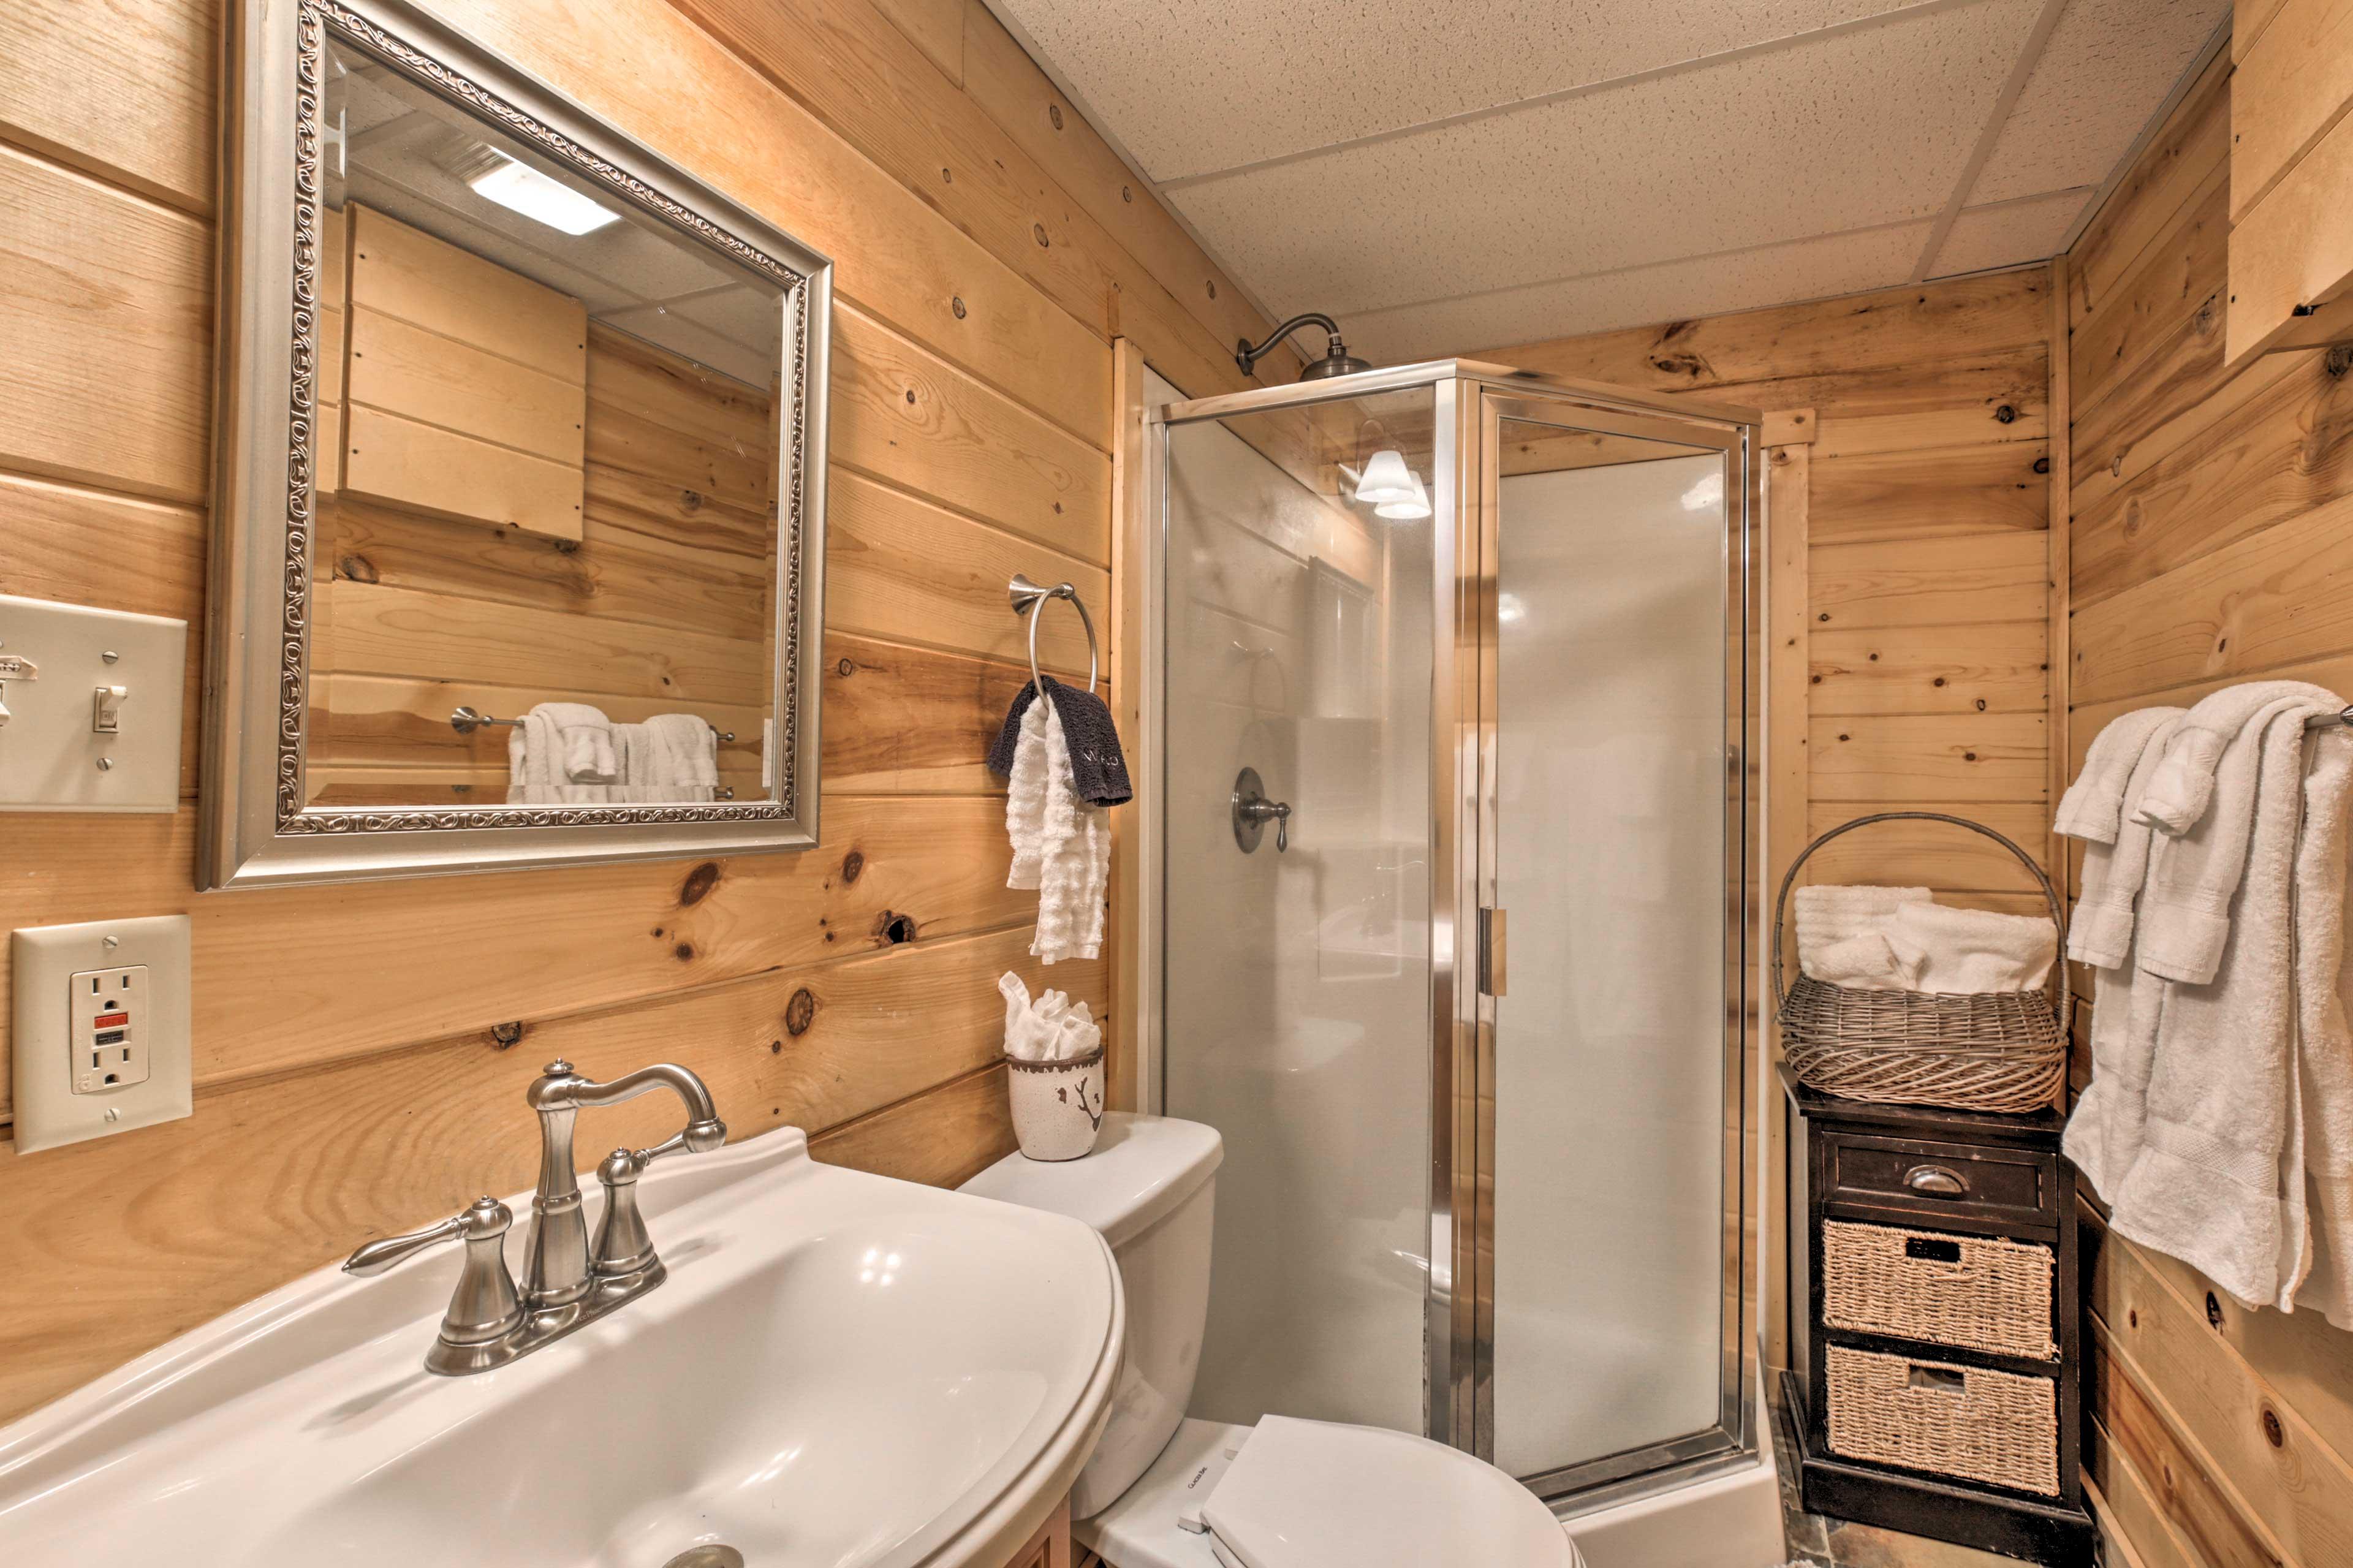 Full Bathroom | Towels Provided | Basement